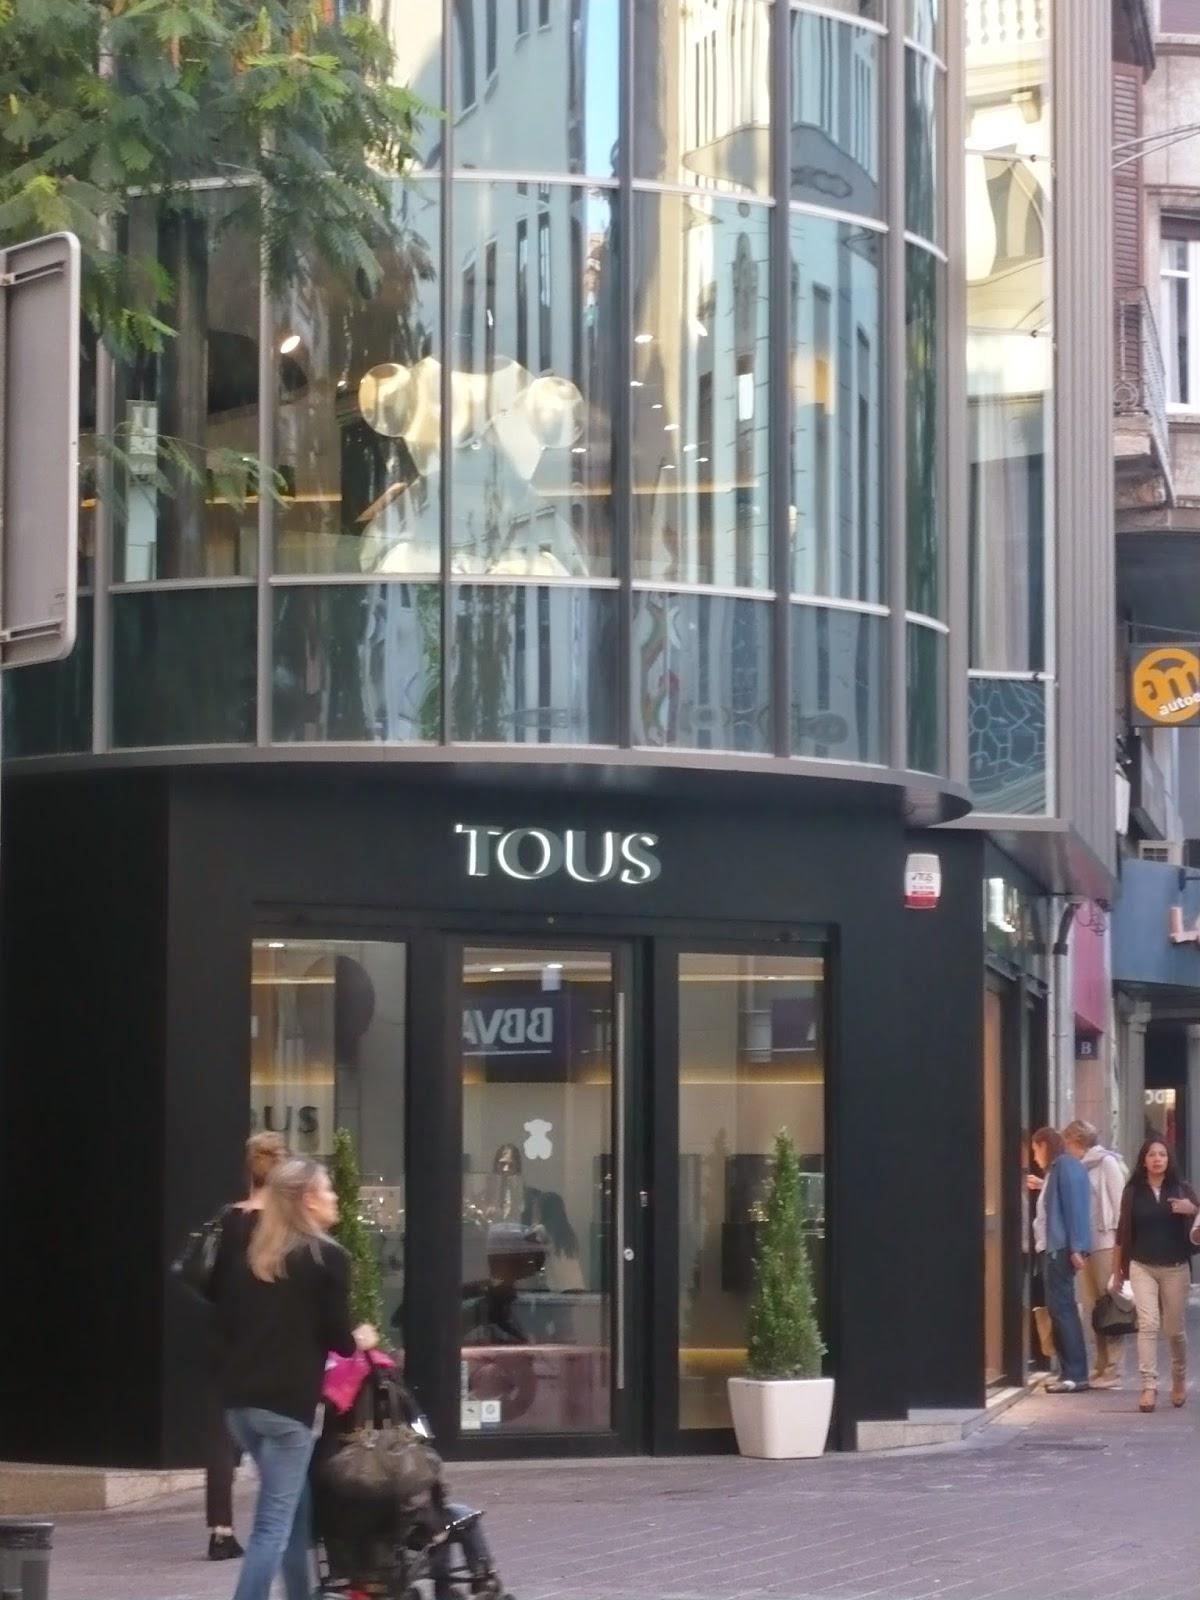 Marujeando que es gerundio: De tiendas en Manresa